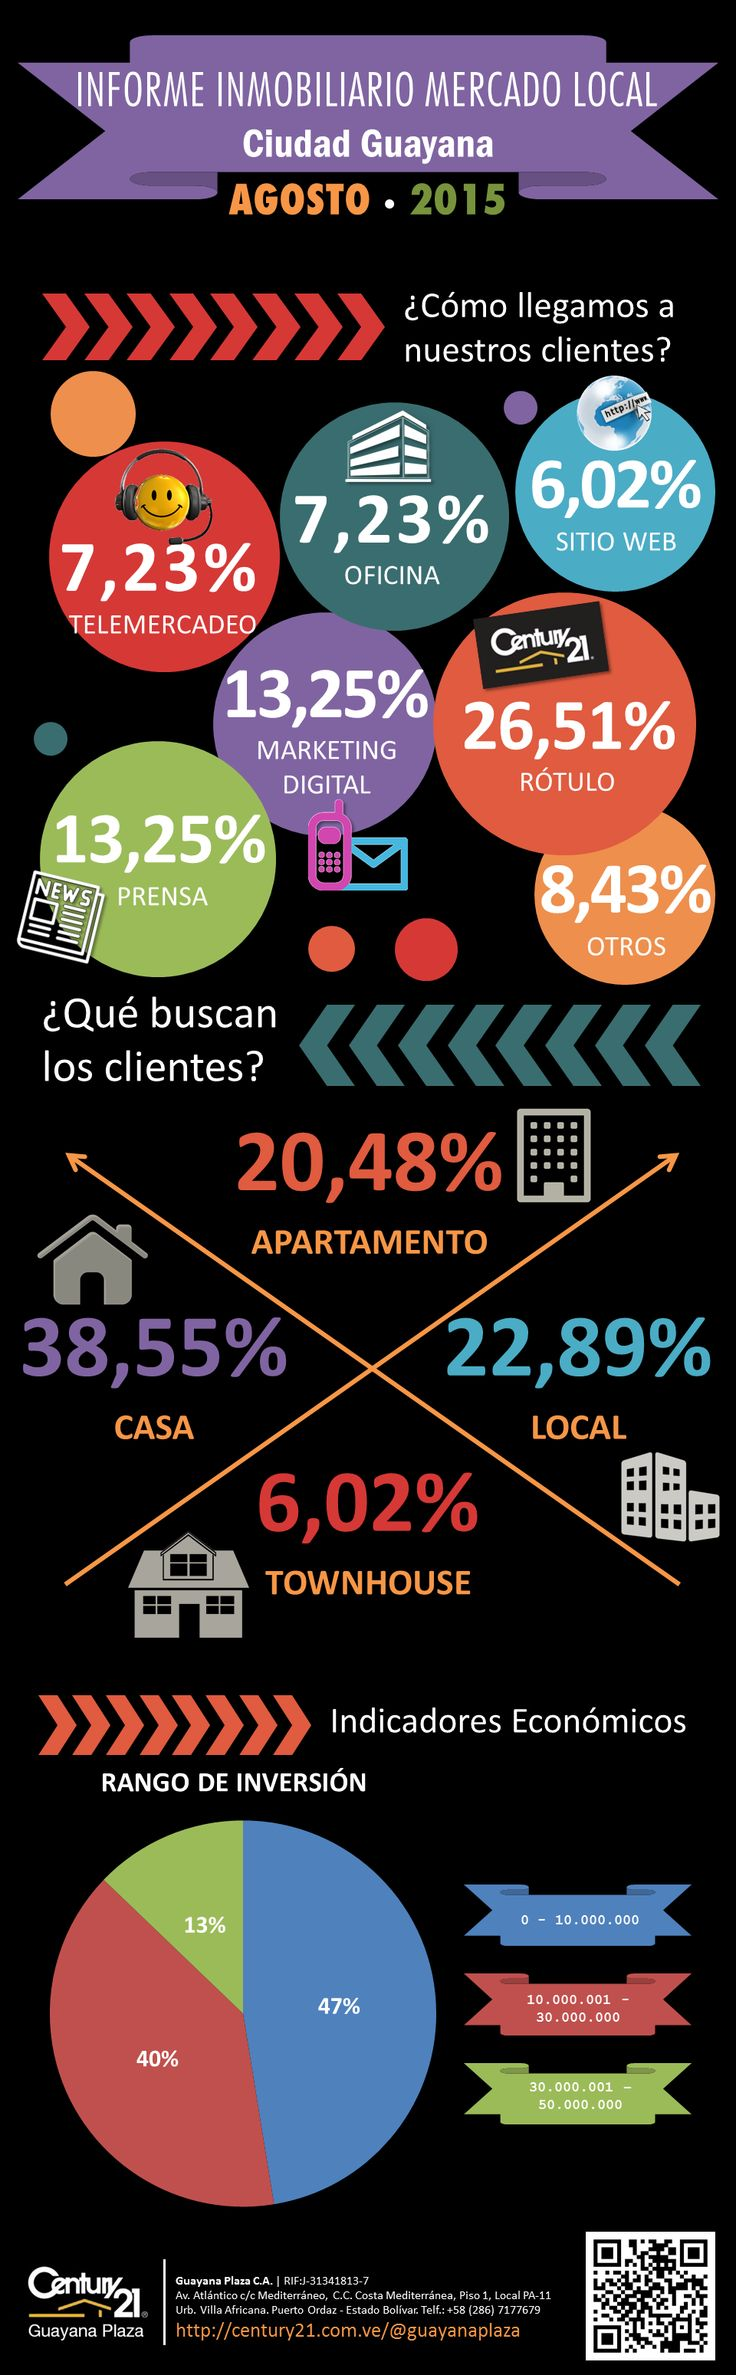 """INFORME INMOBILIARIO MERCADO LOCAL Ciudad Guayana - AGOSTO - 2015 Para ver el editorial """"Escenario Económico General del País"""" visite nuestro perfil en:  Google+:  https://plus.google.com/b/100773989167117521317/100773989167117521317/posts  Facebook: https://www.facebook.com/C21GuayanaPlaza/notes"""